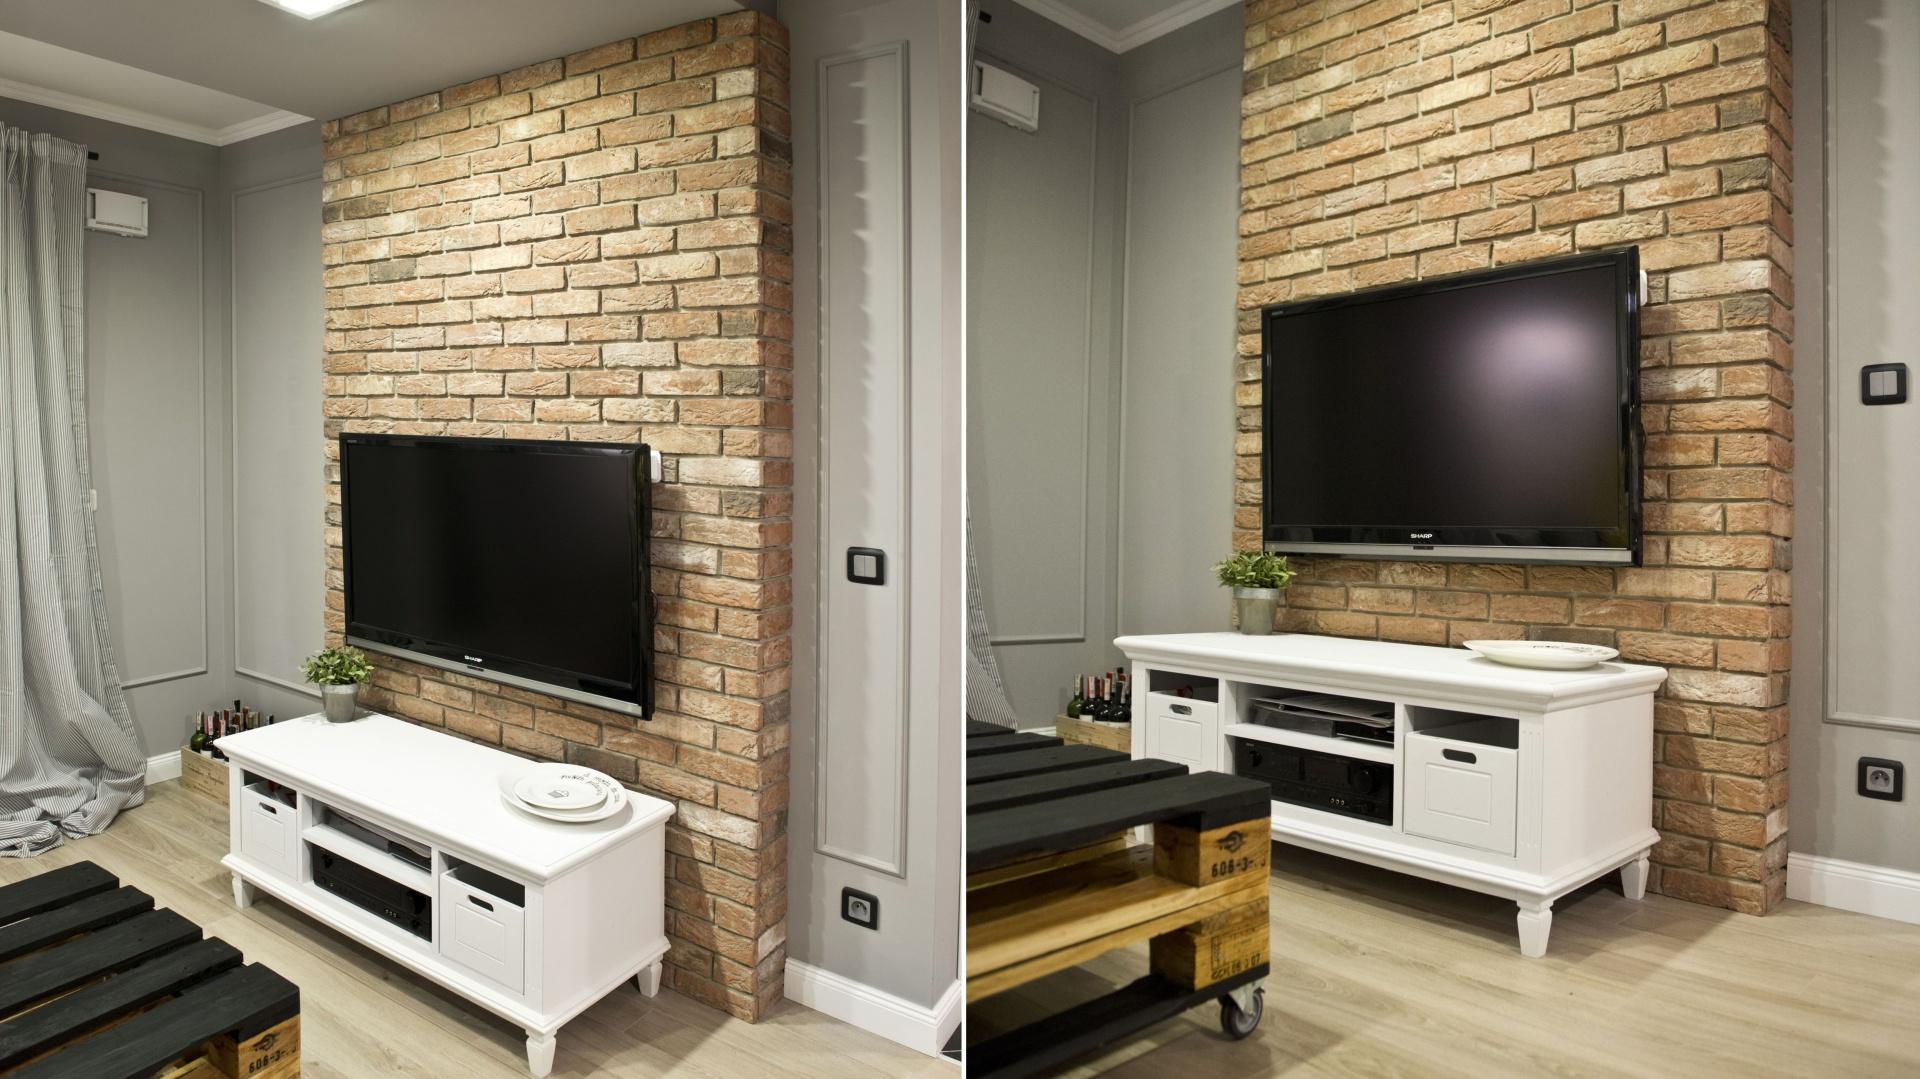 Ścianę za telewizorem... | Mieszkanie w stylu retro ...